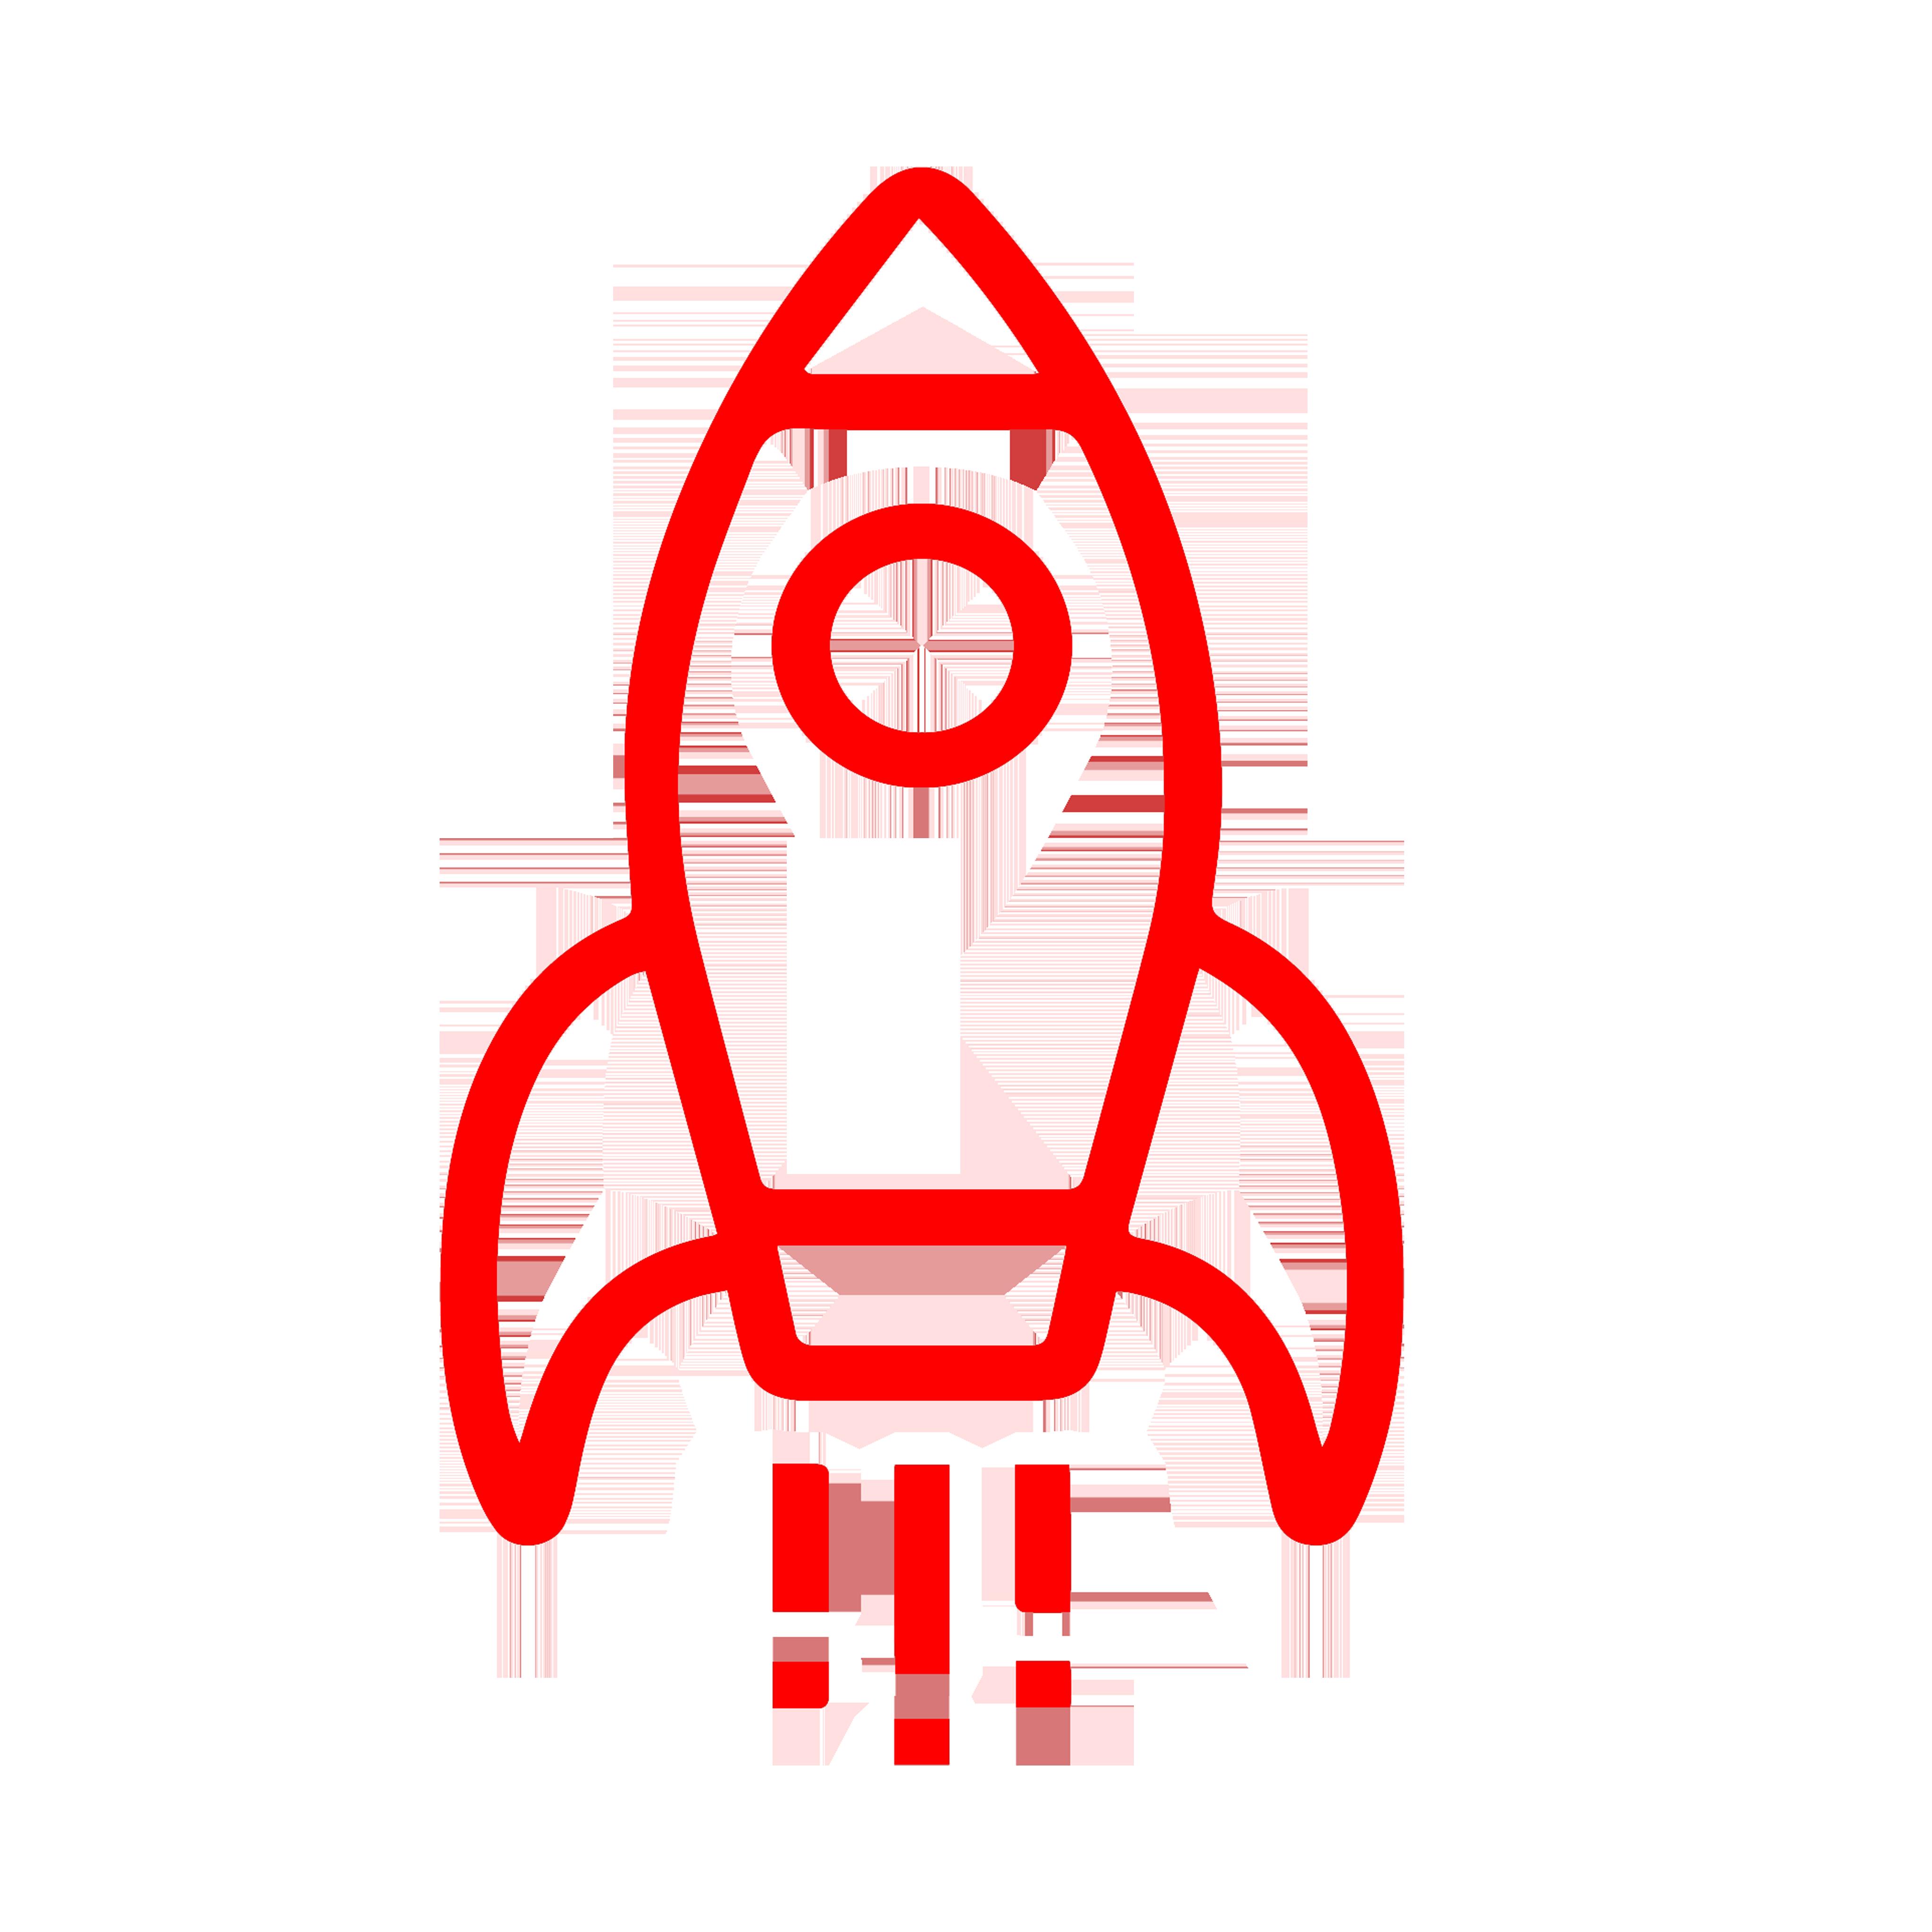 Rocket as ab icon